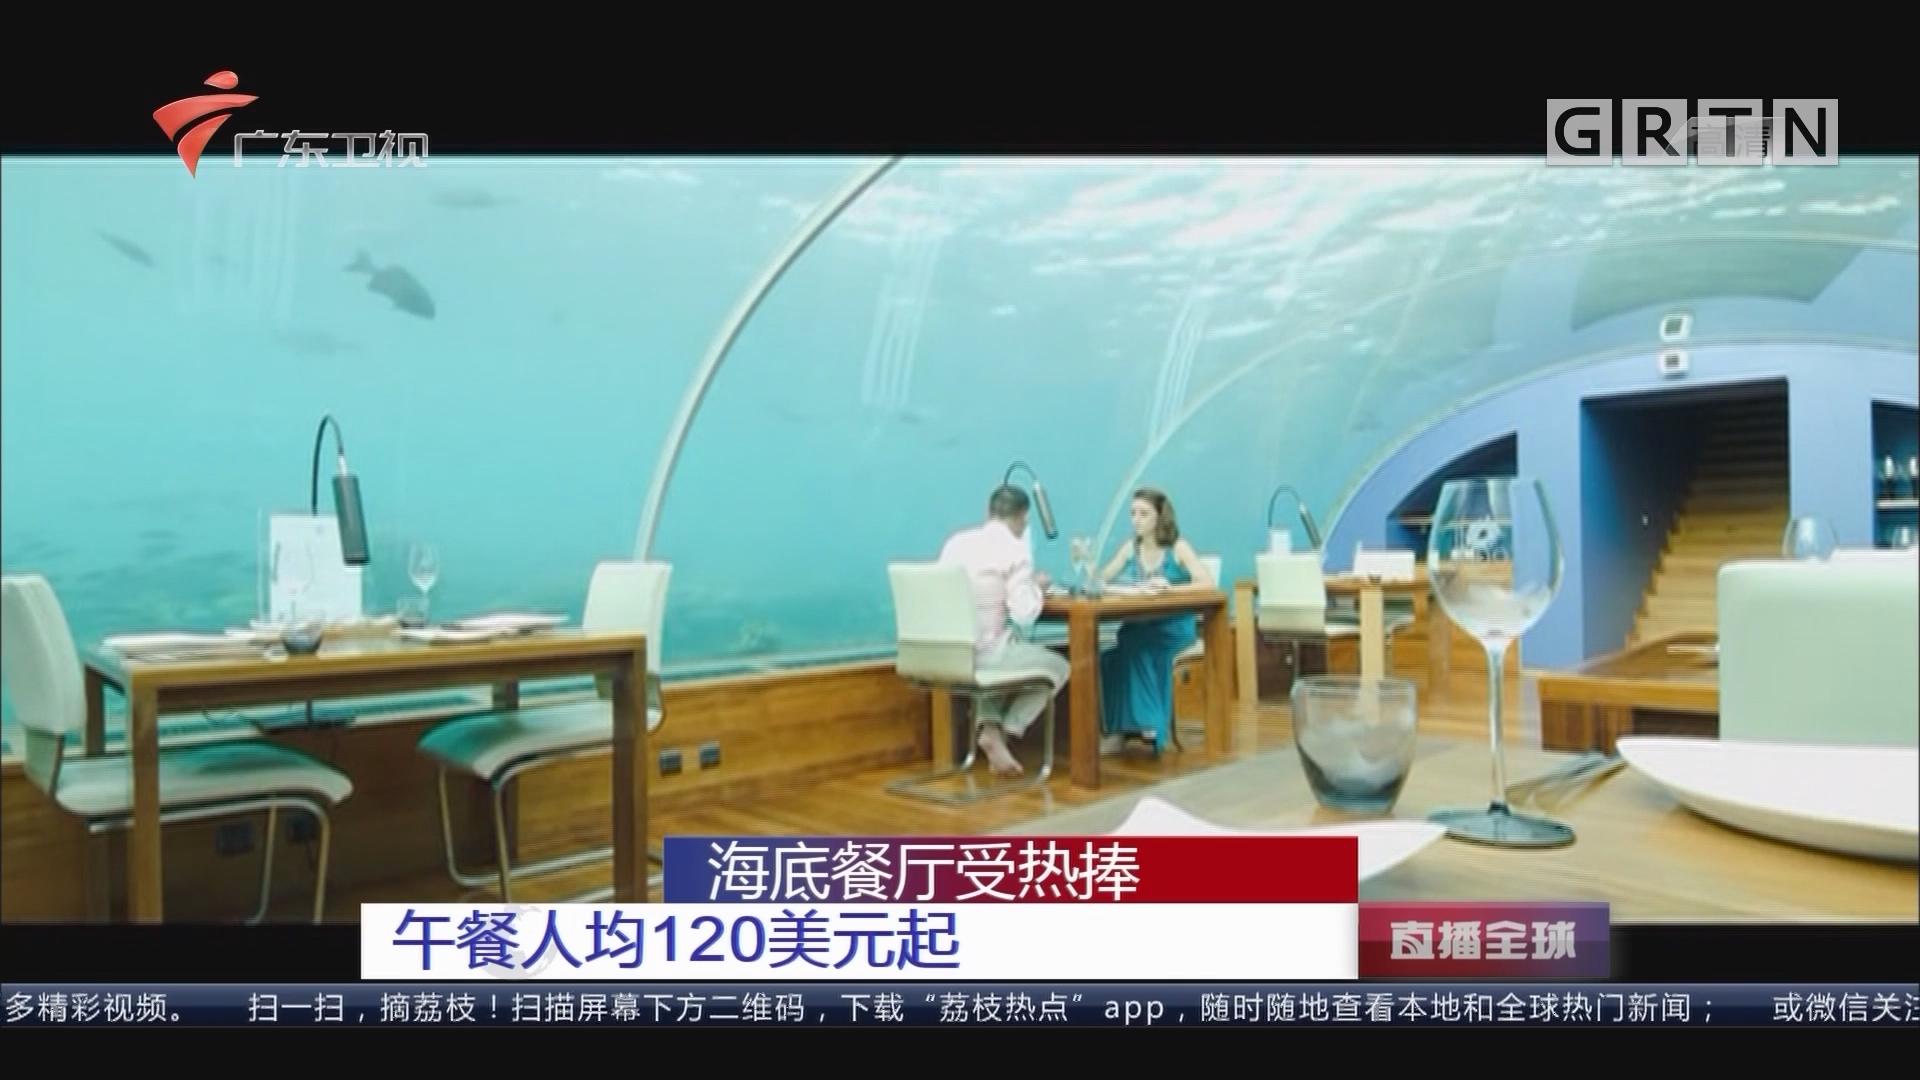 海底餐厅受热捧:午餐人均120美元起